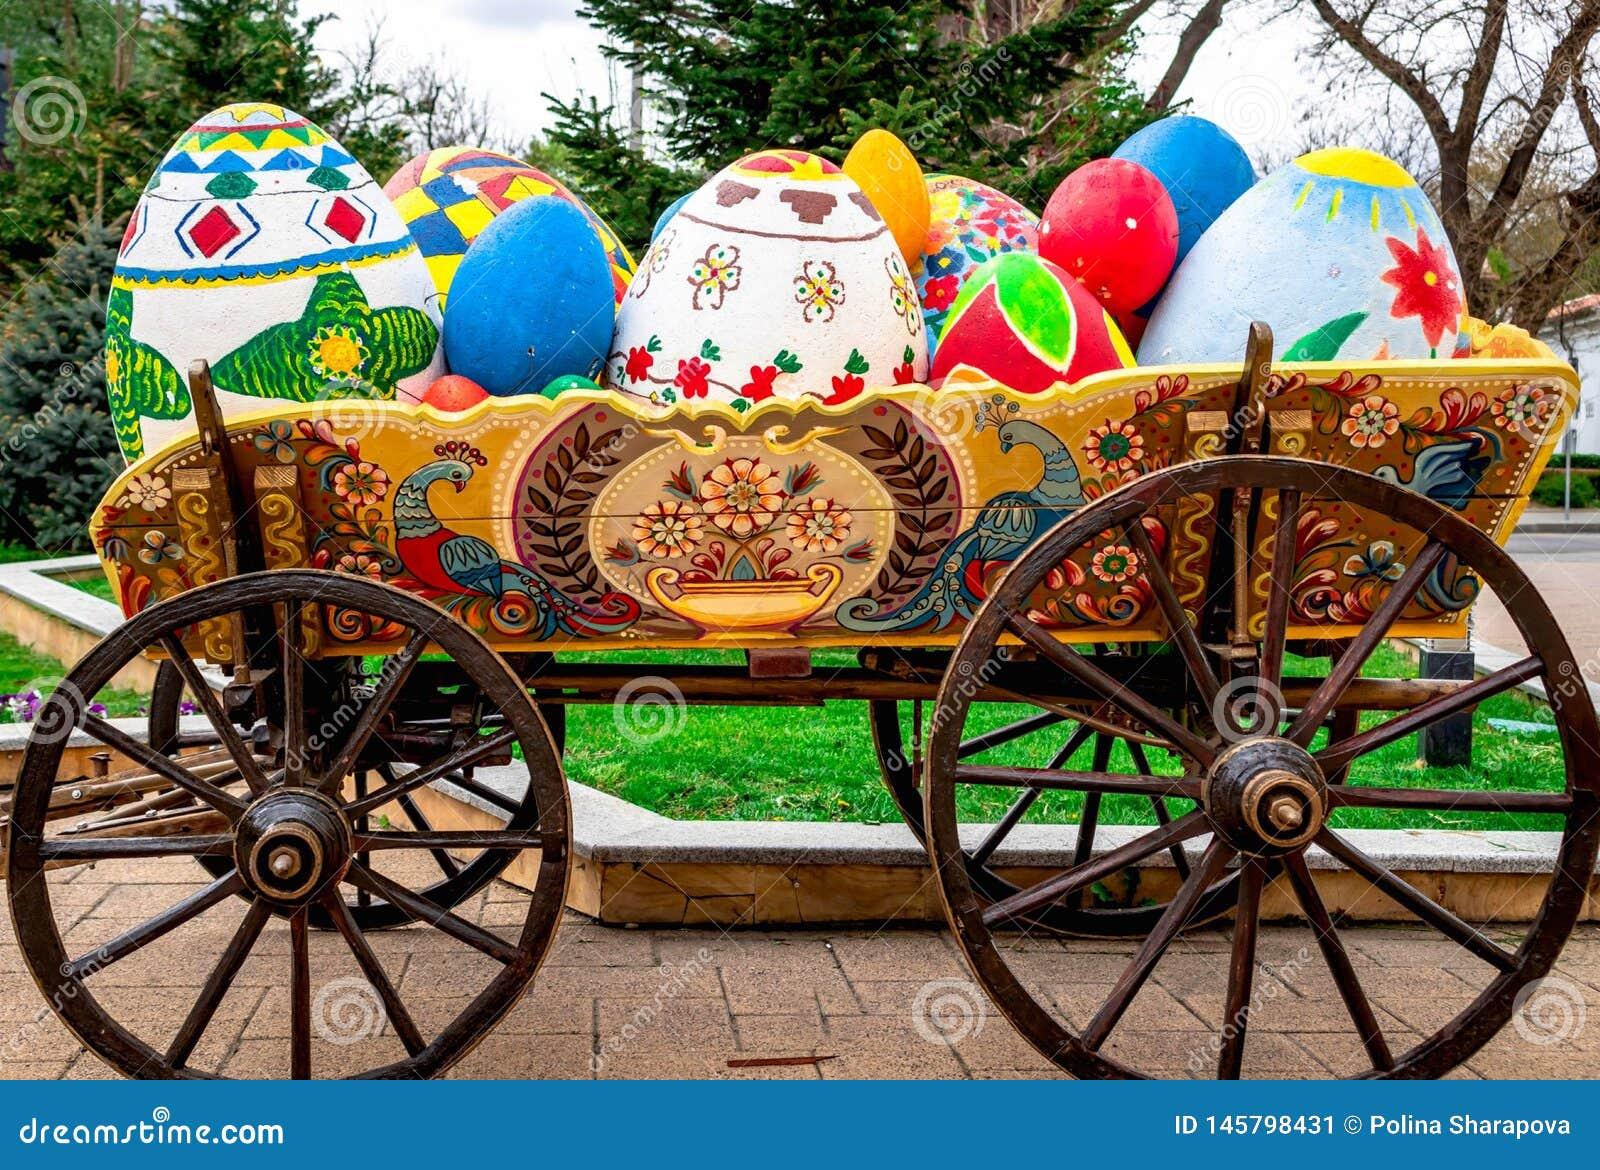 Les beaux oeufs de pâques dans le vieux camion avec grand roule dedans le parc